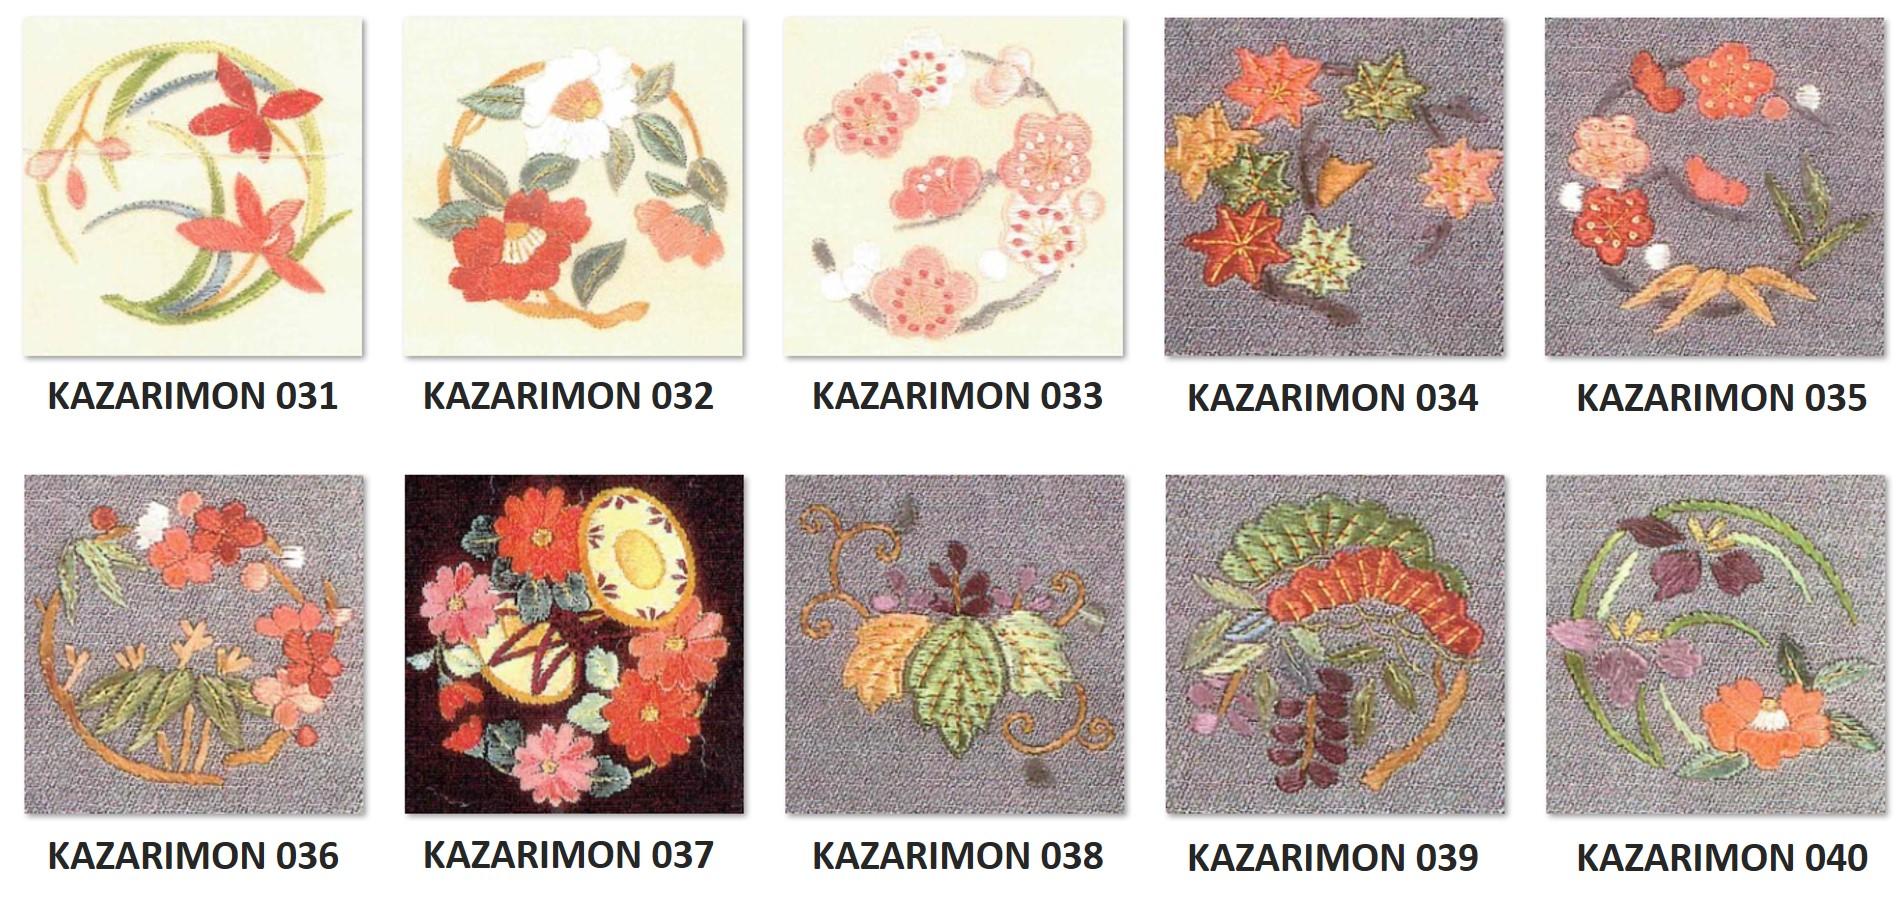 飾り紋31-40